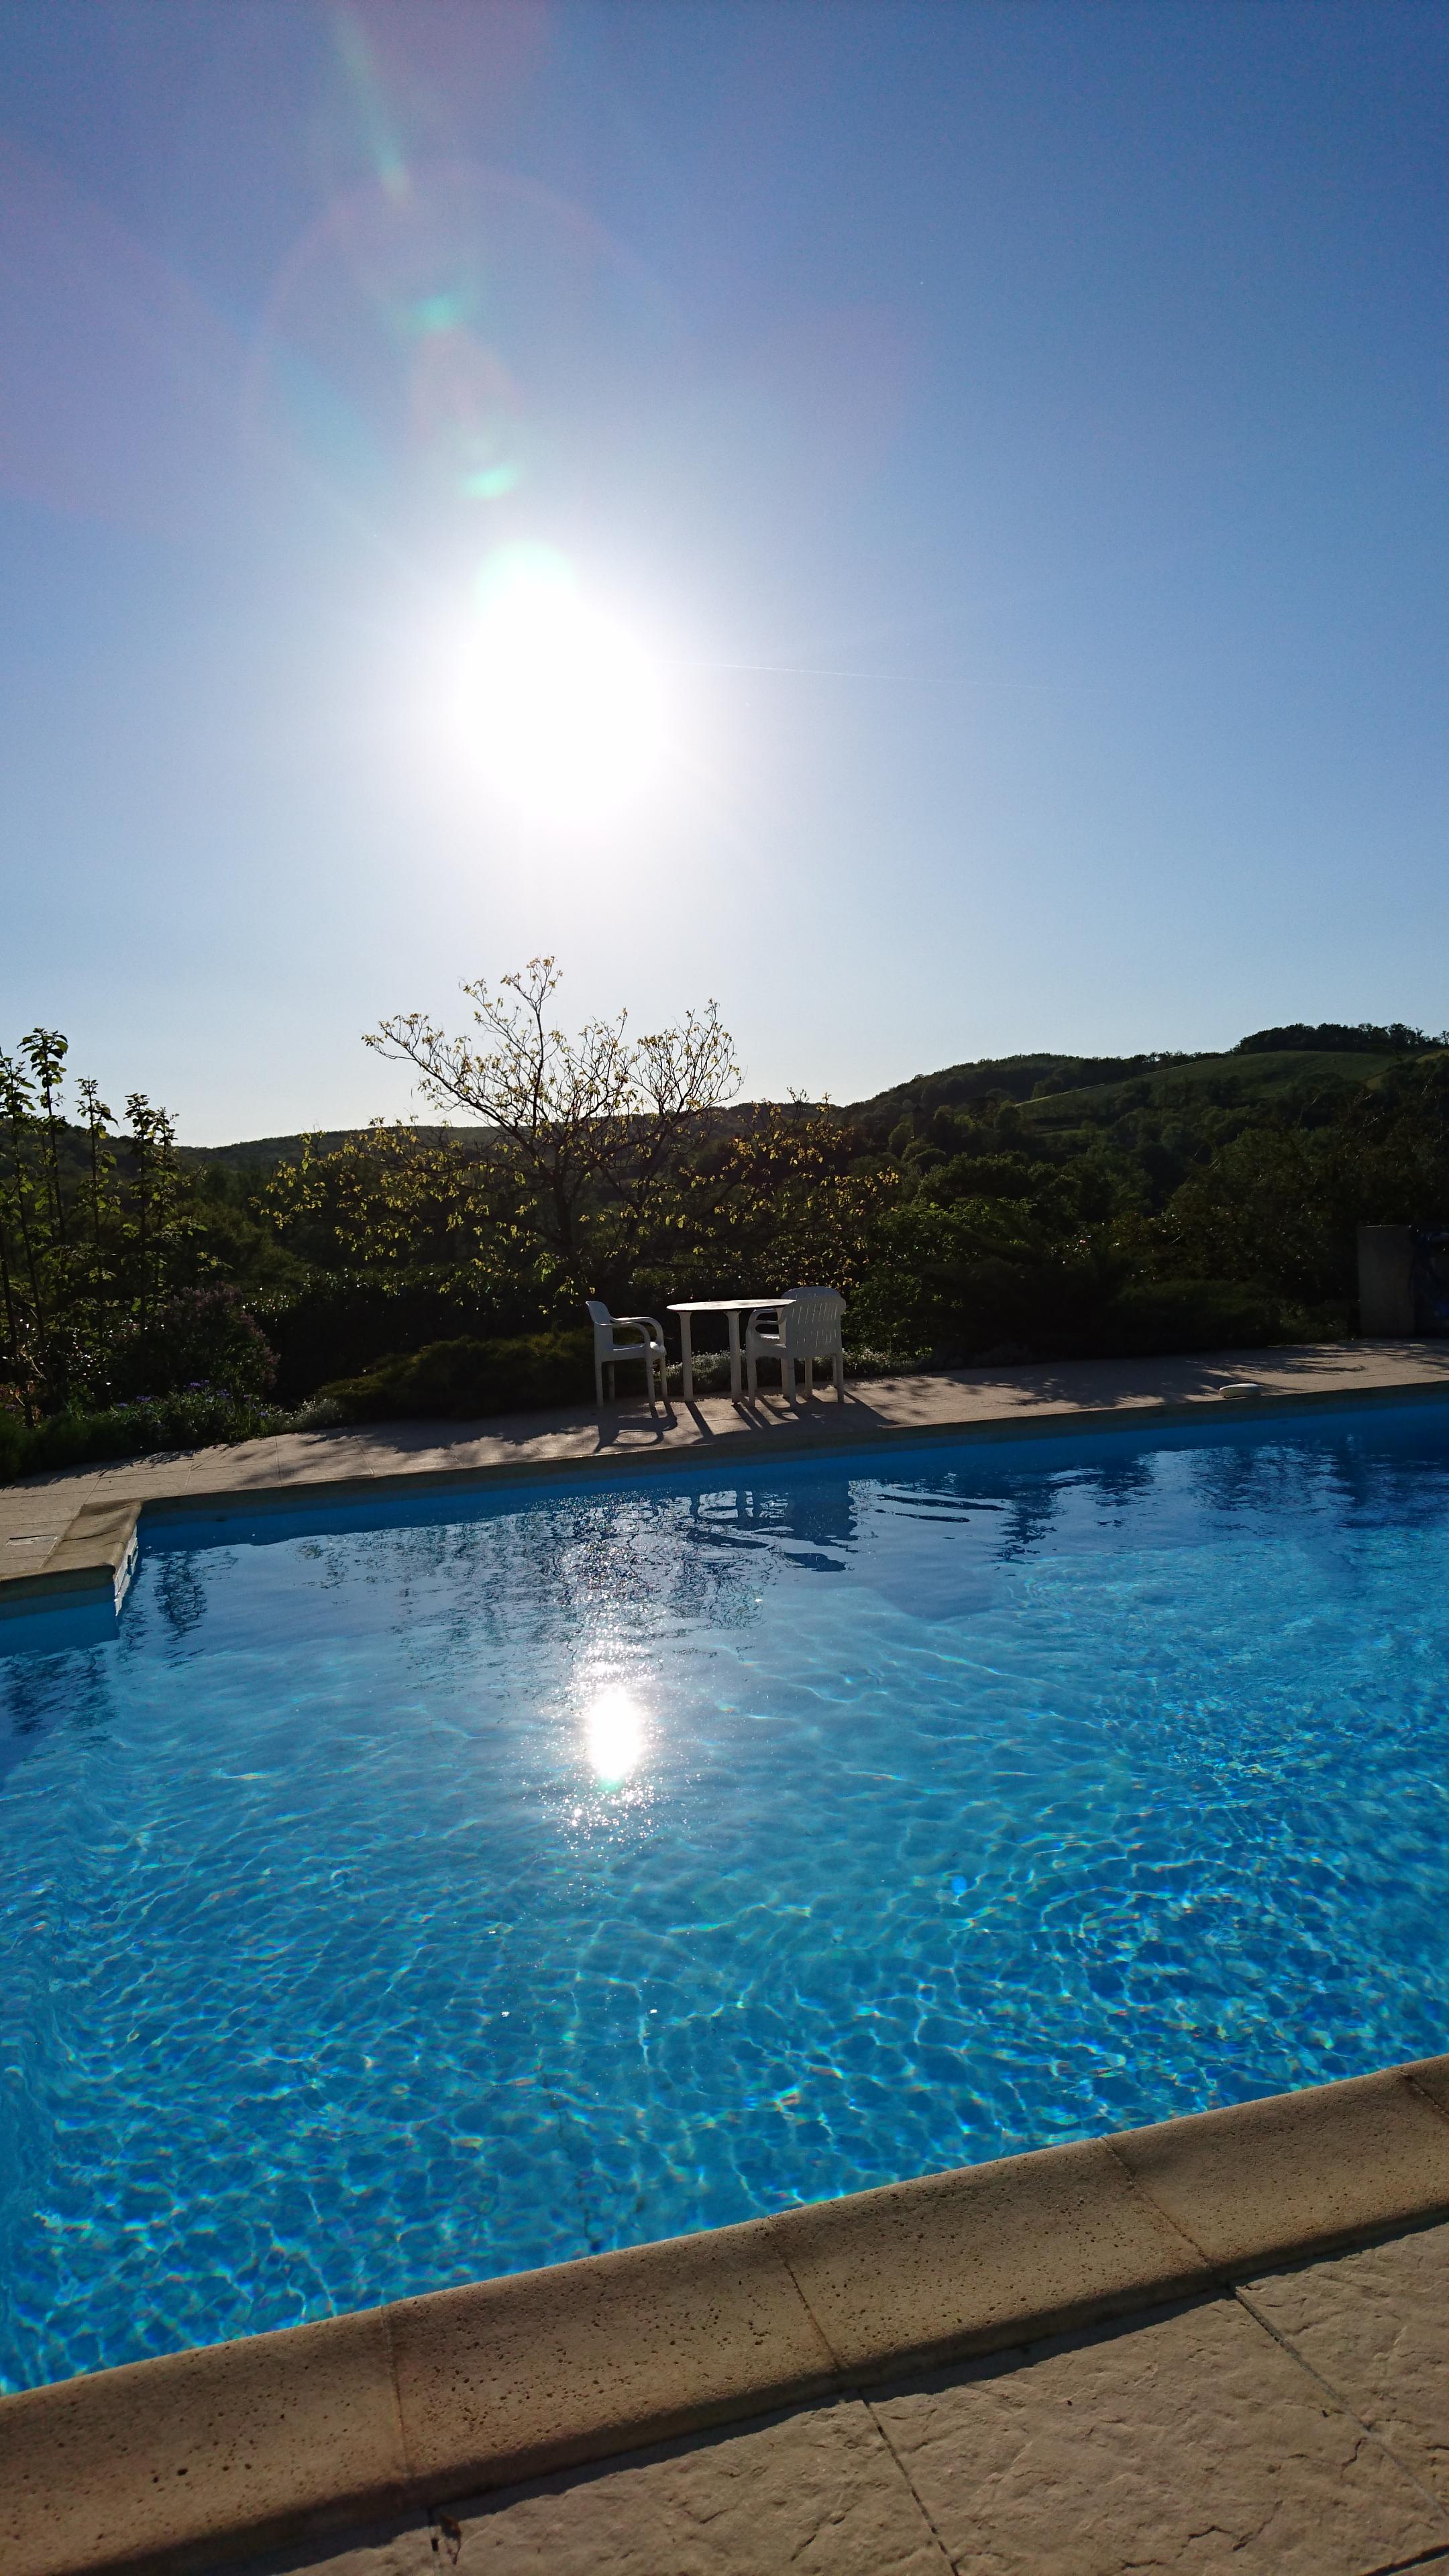 Hotel avec piscine a figeac for Camping figeac avec piscine